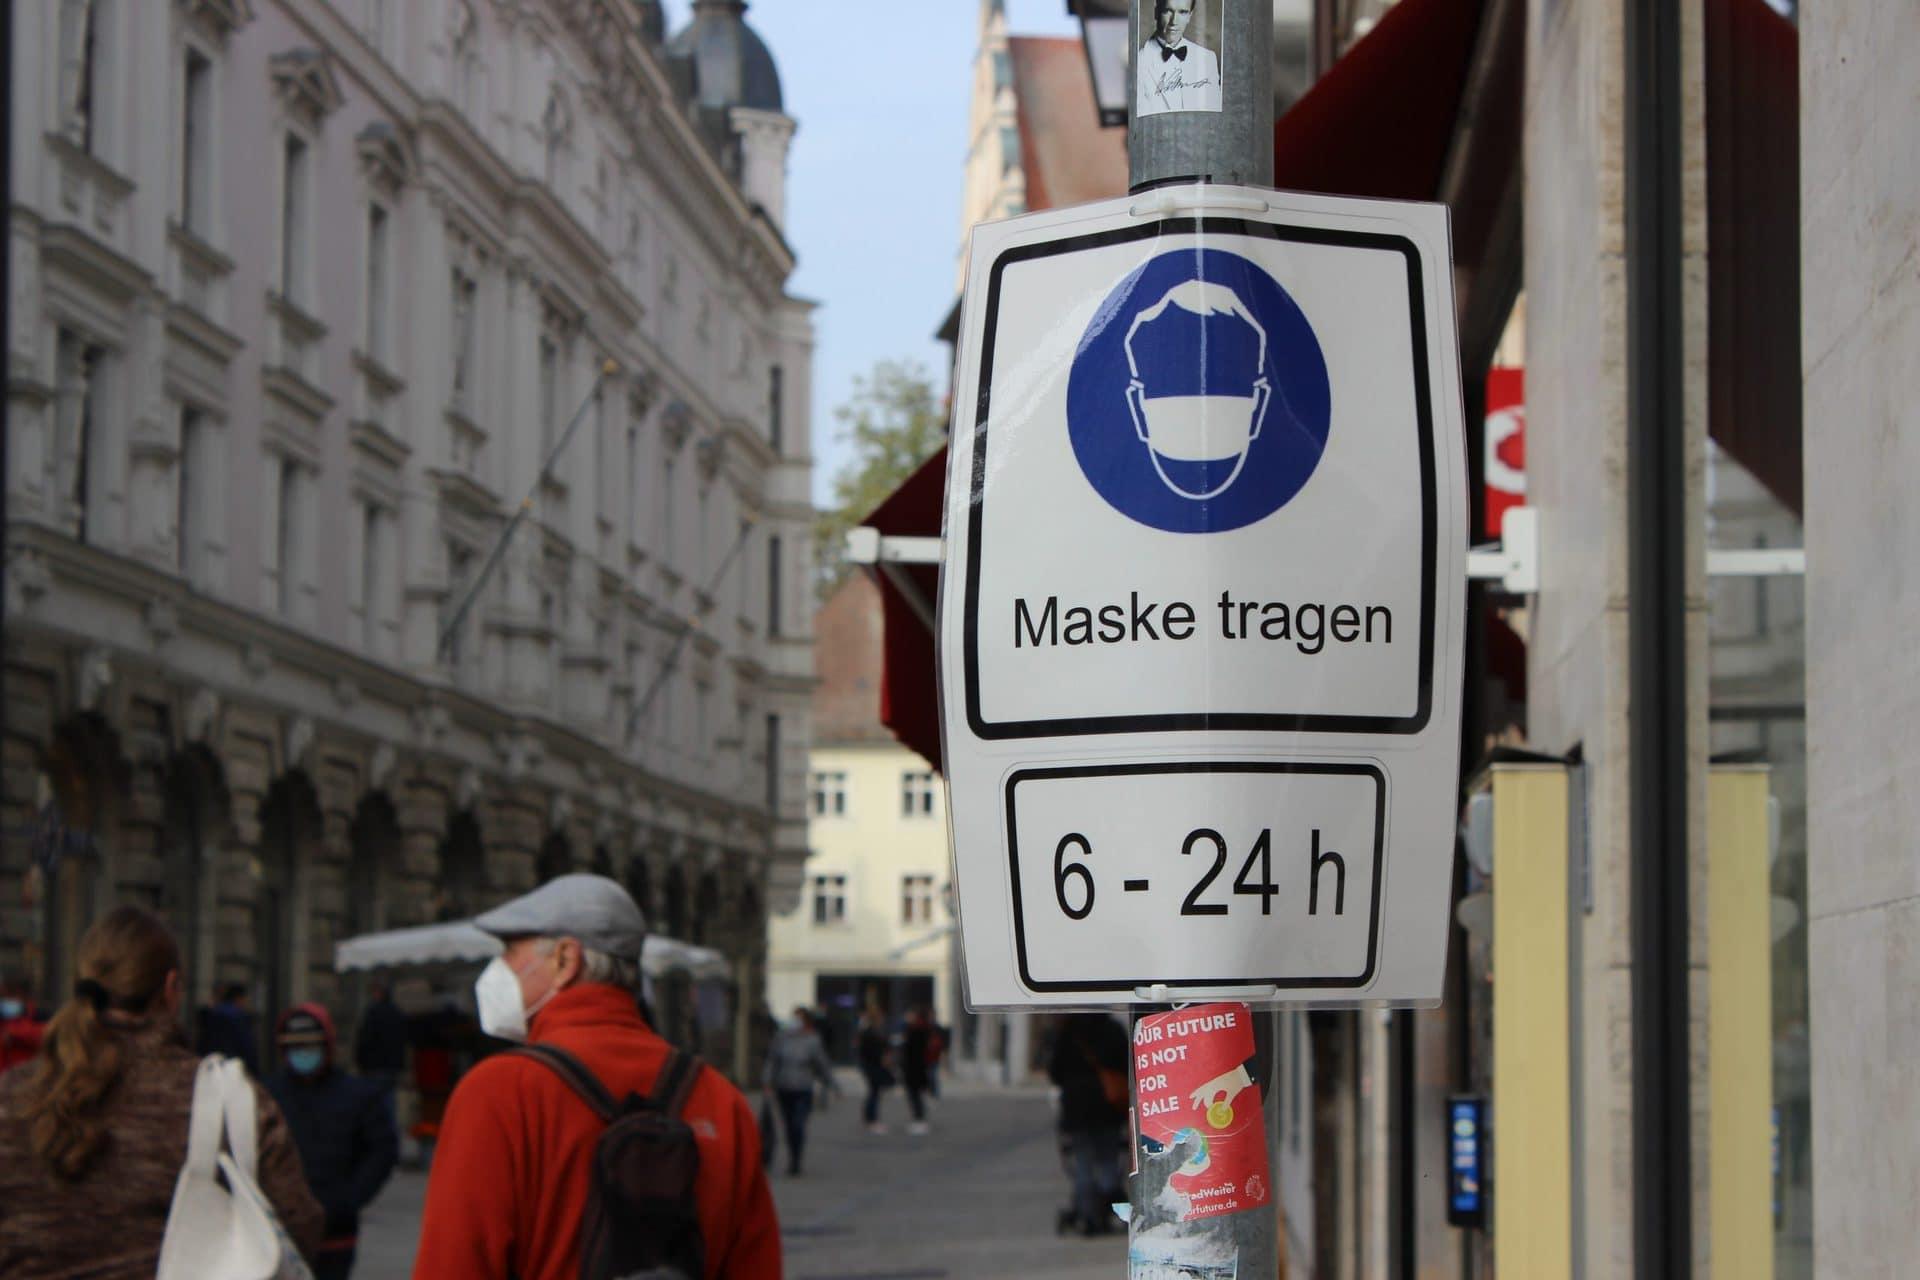 Stadt Regensburg beantragt Lockerungen Für Maskenpflicht in der Innenstadt